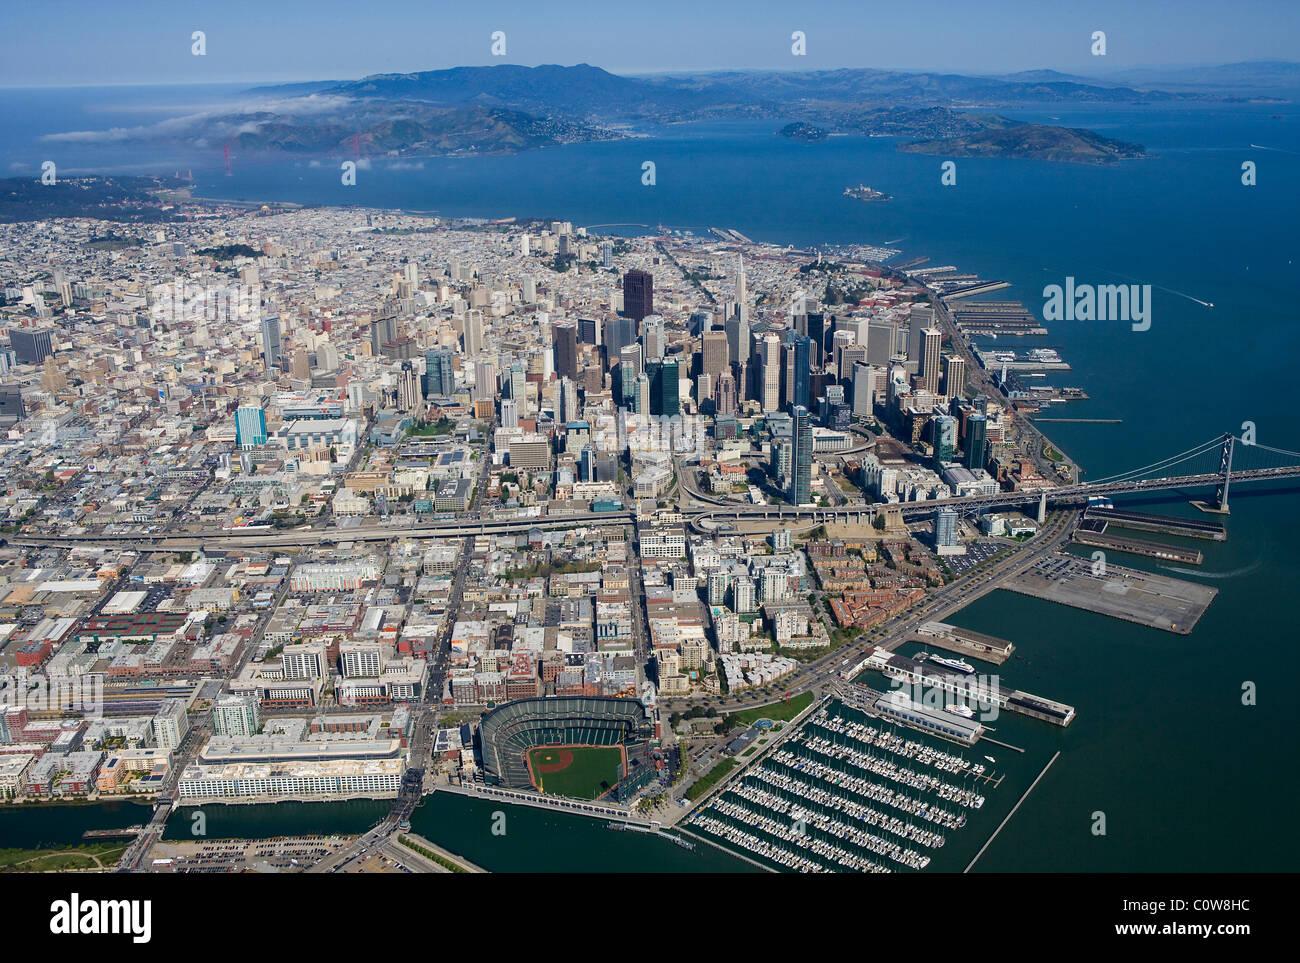 Vista aerea sopra AT&T baseball park lungomare di San Francisco in California Immagini Stock